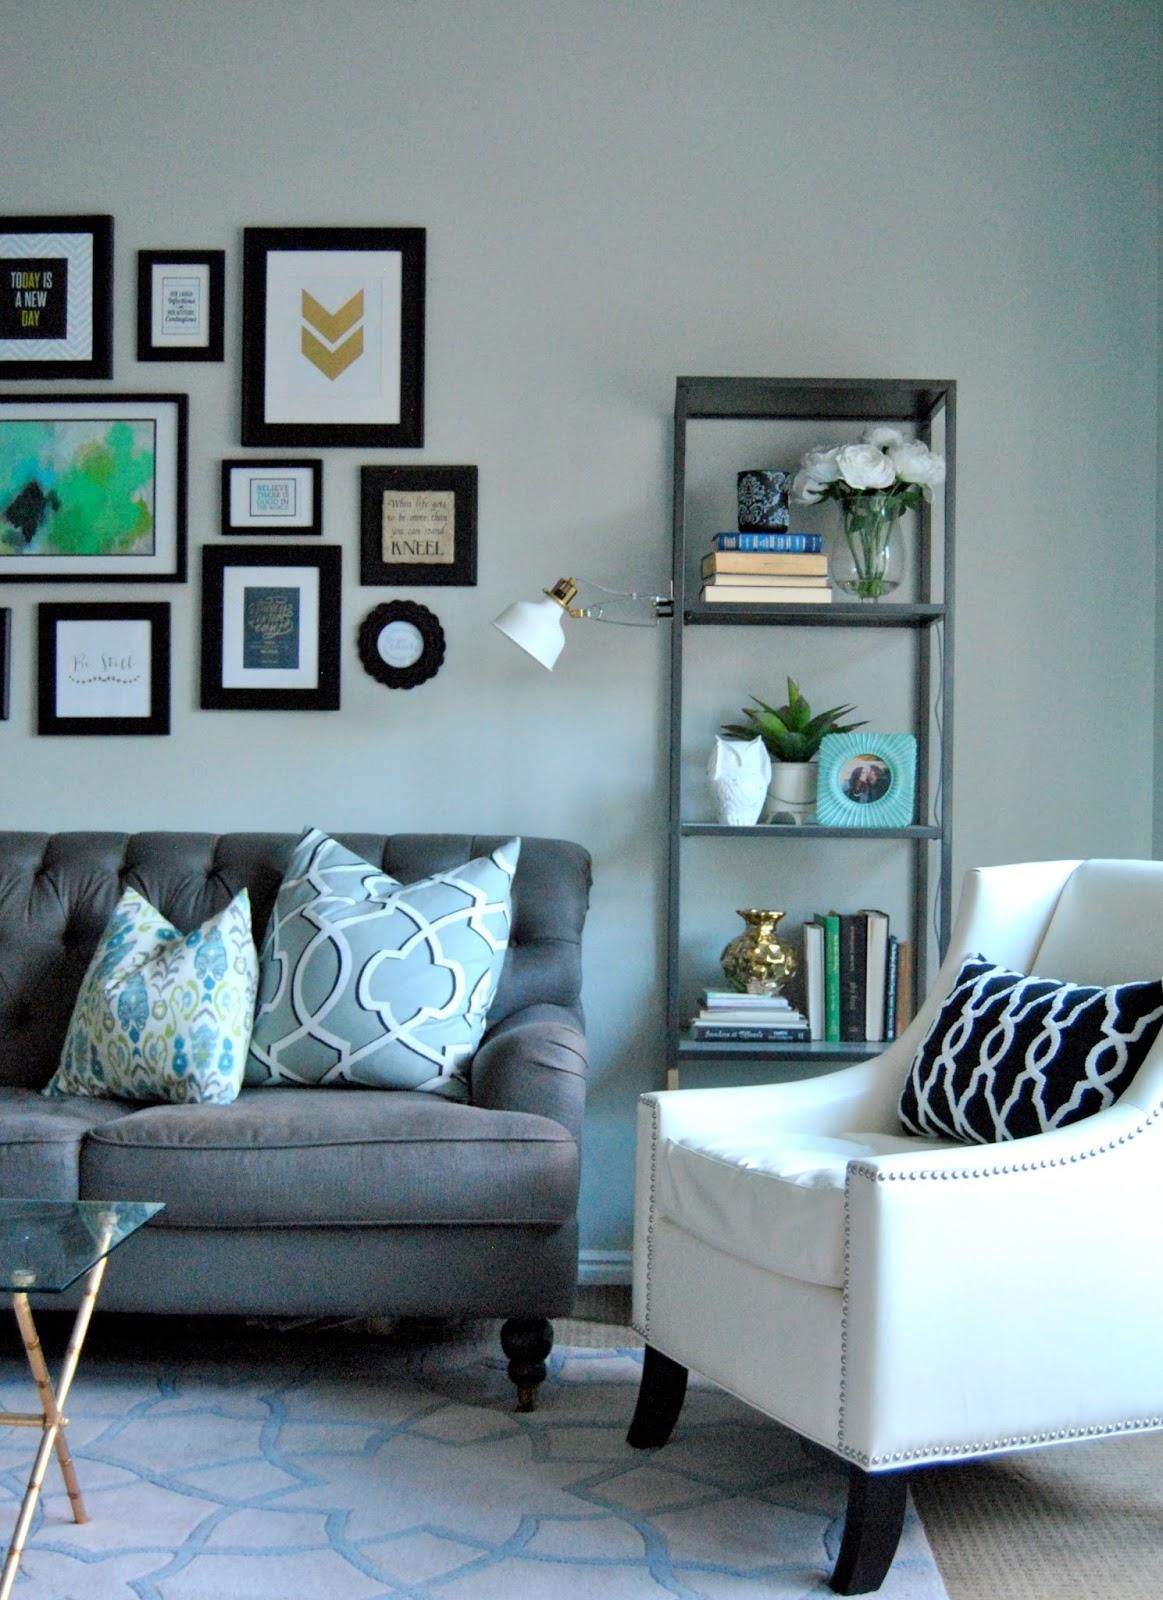 Studio 7 Interior Design Shop These Rooms